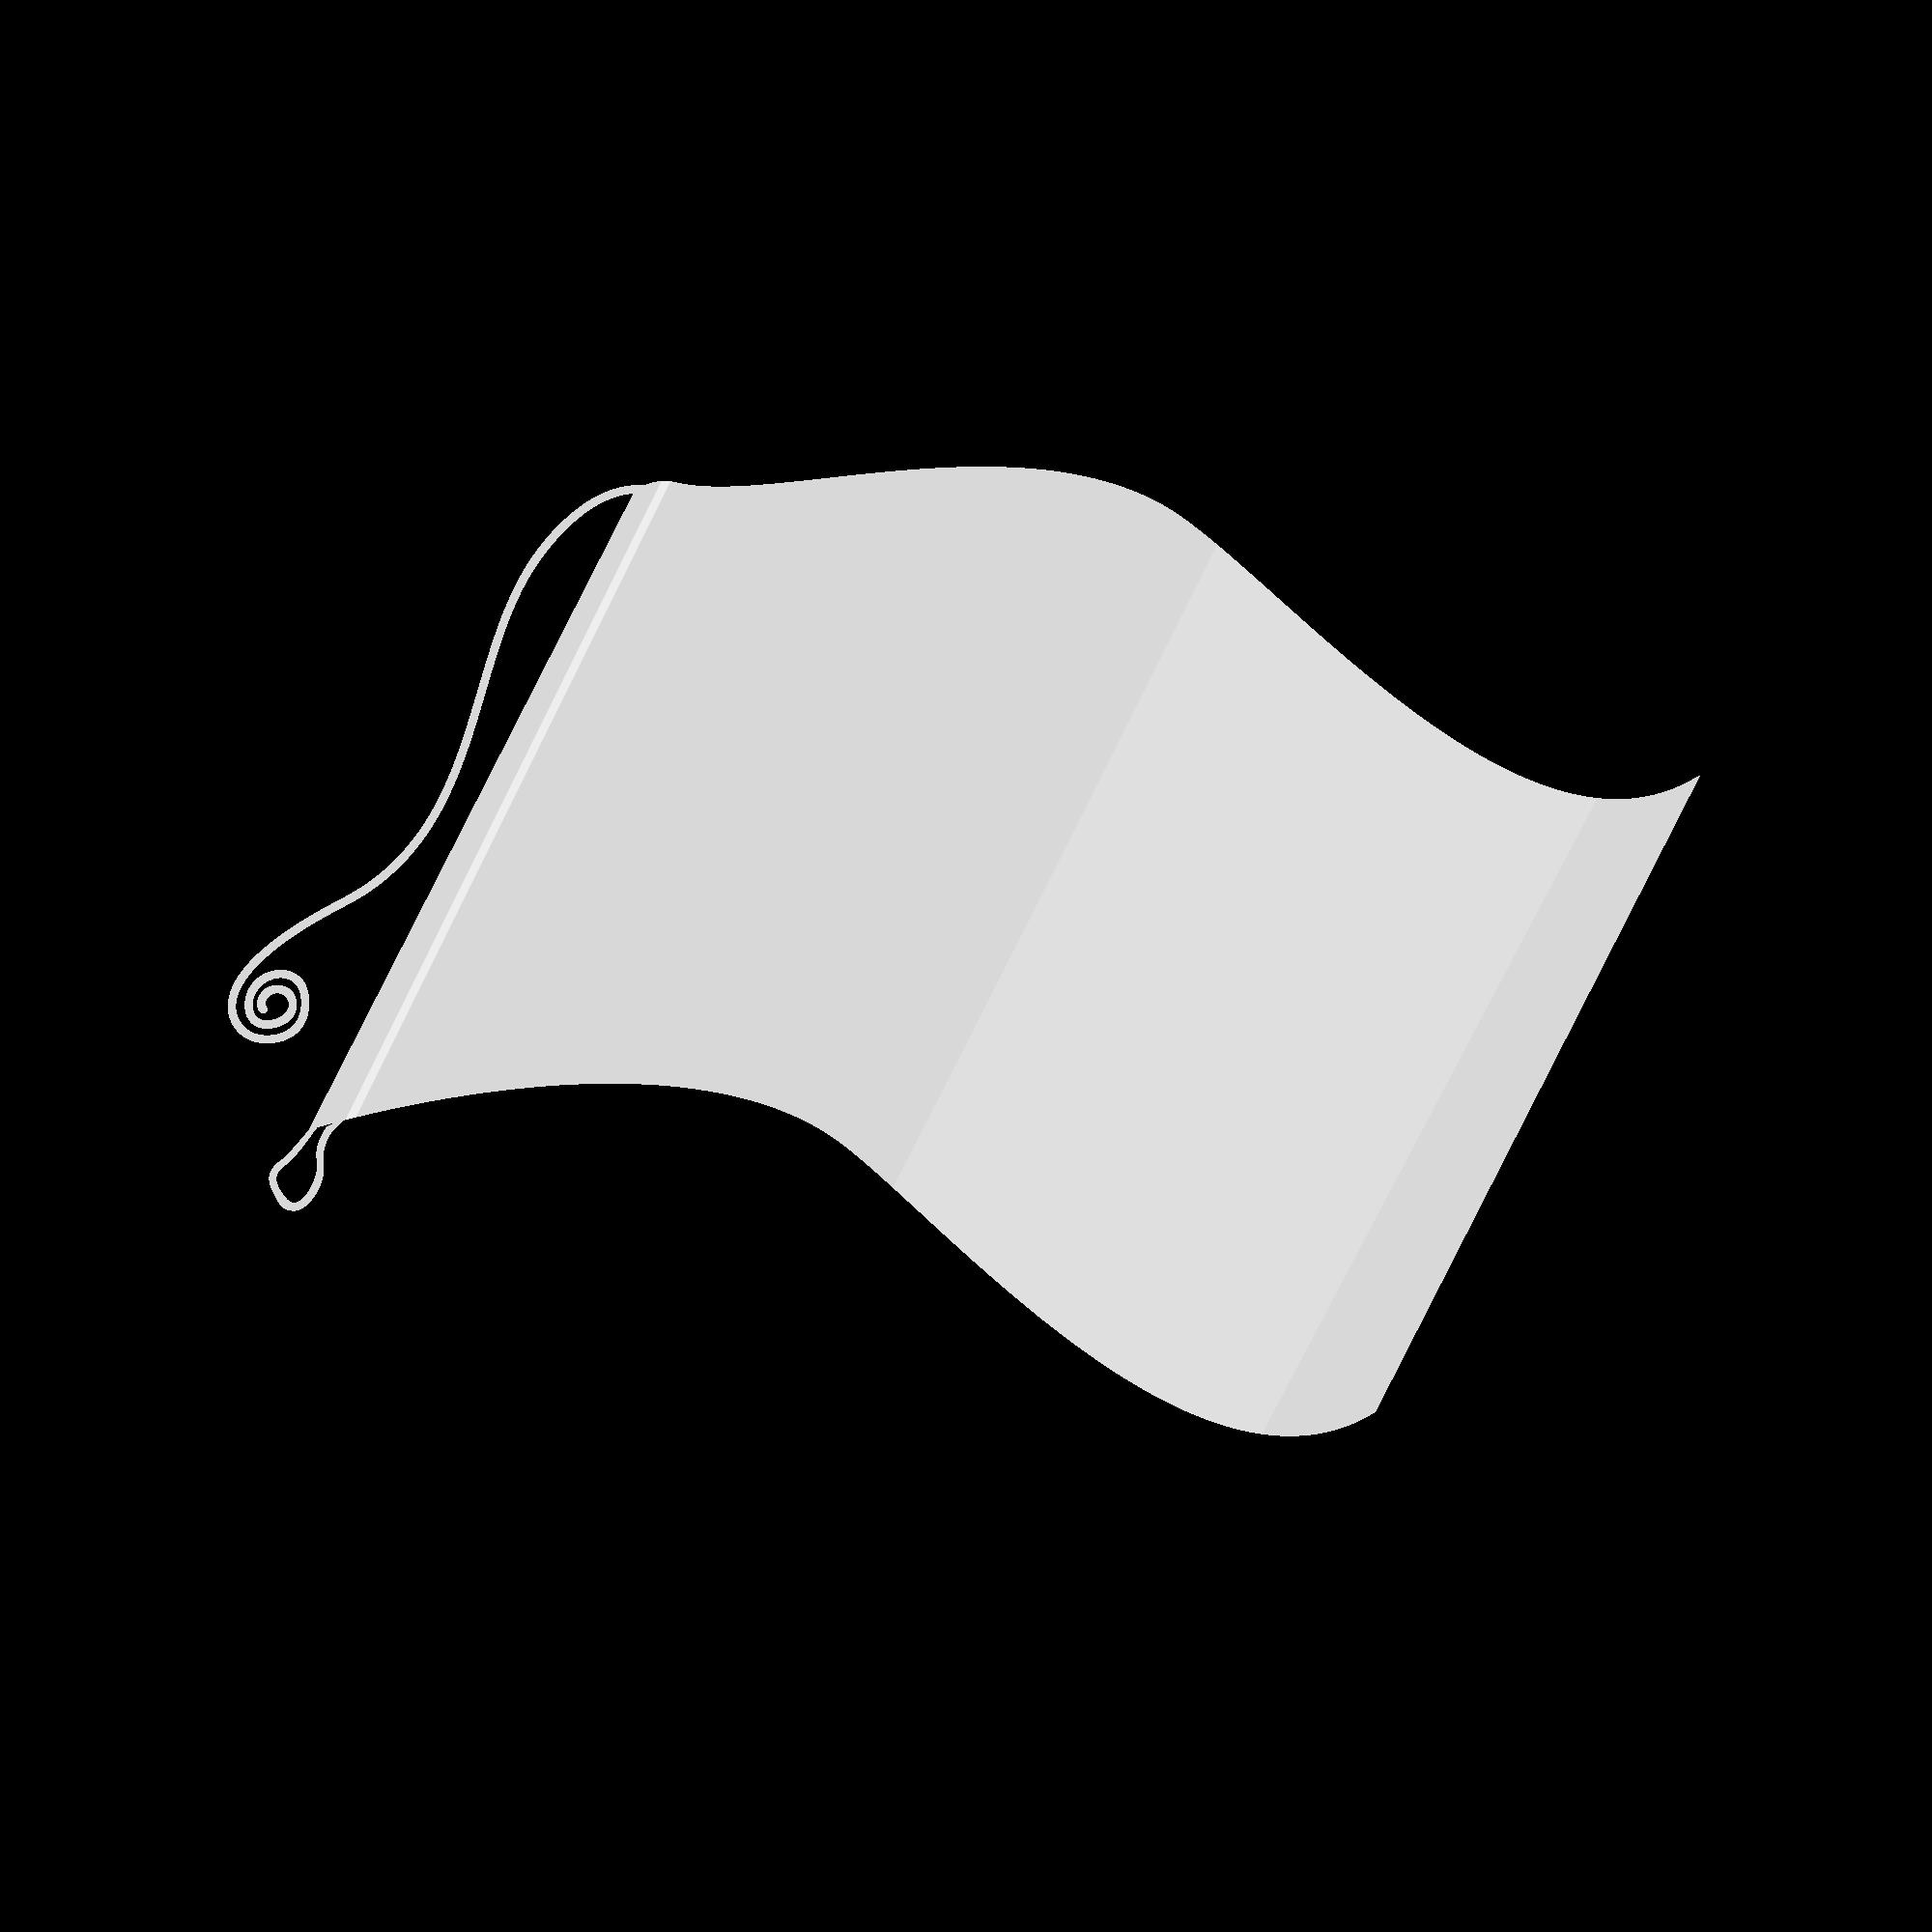 Mastvlaggen - Signaal Vlaggenservice